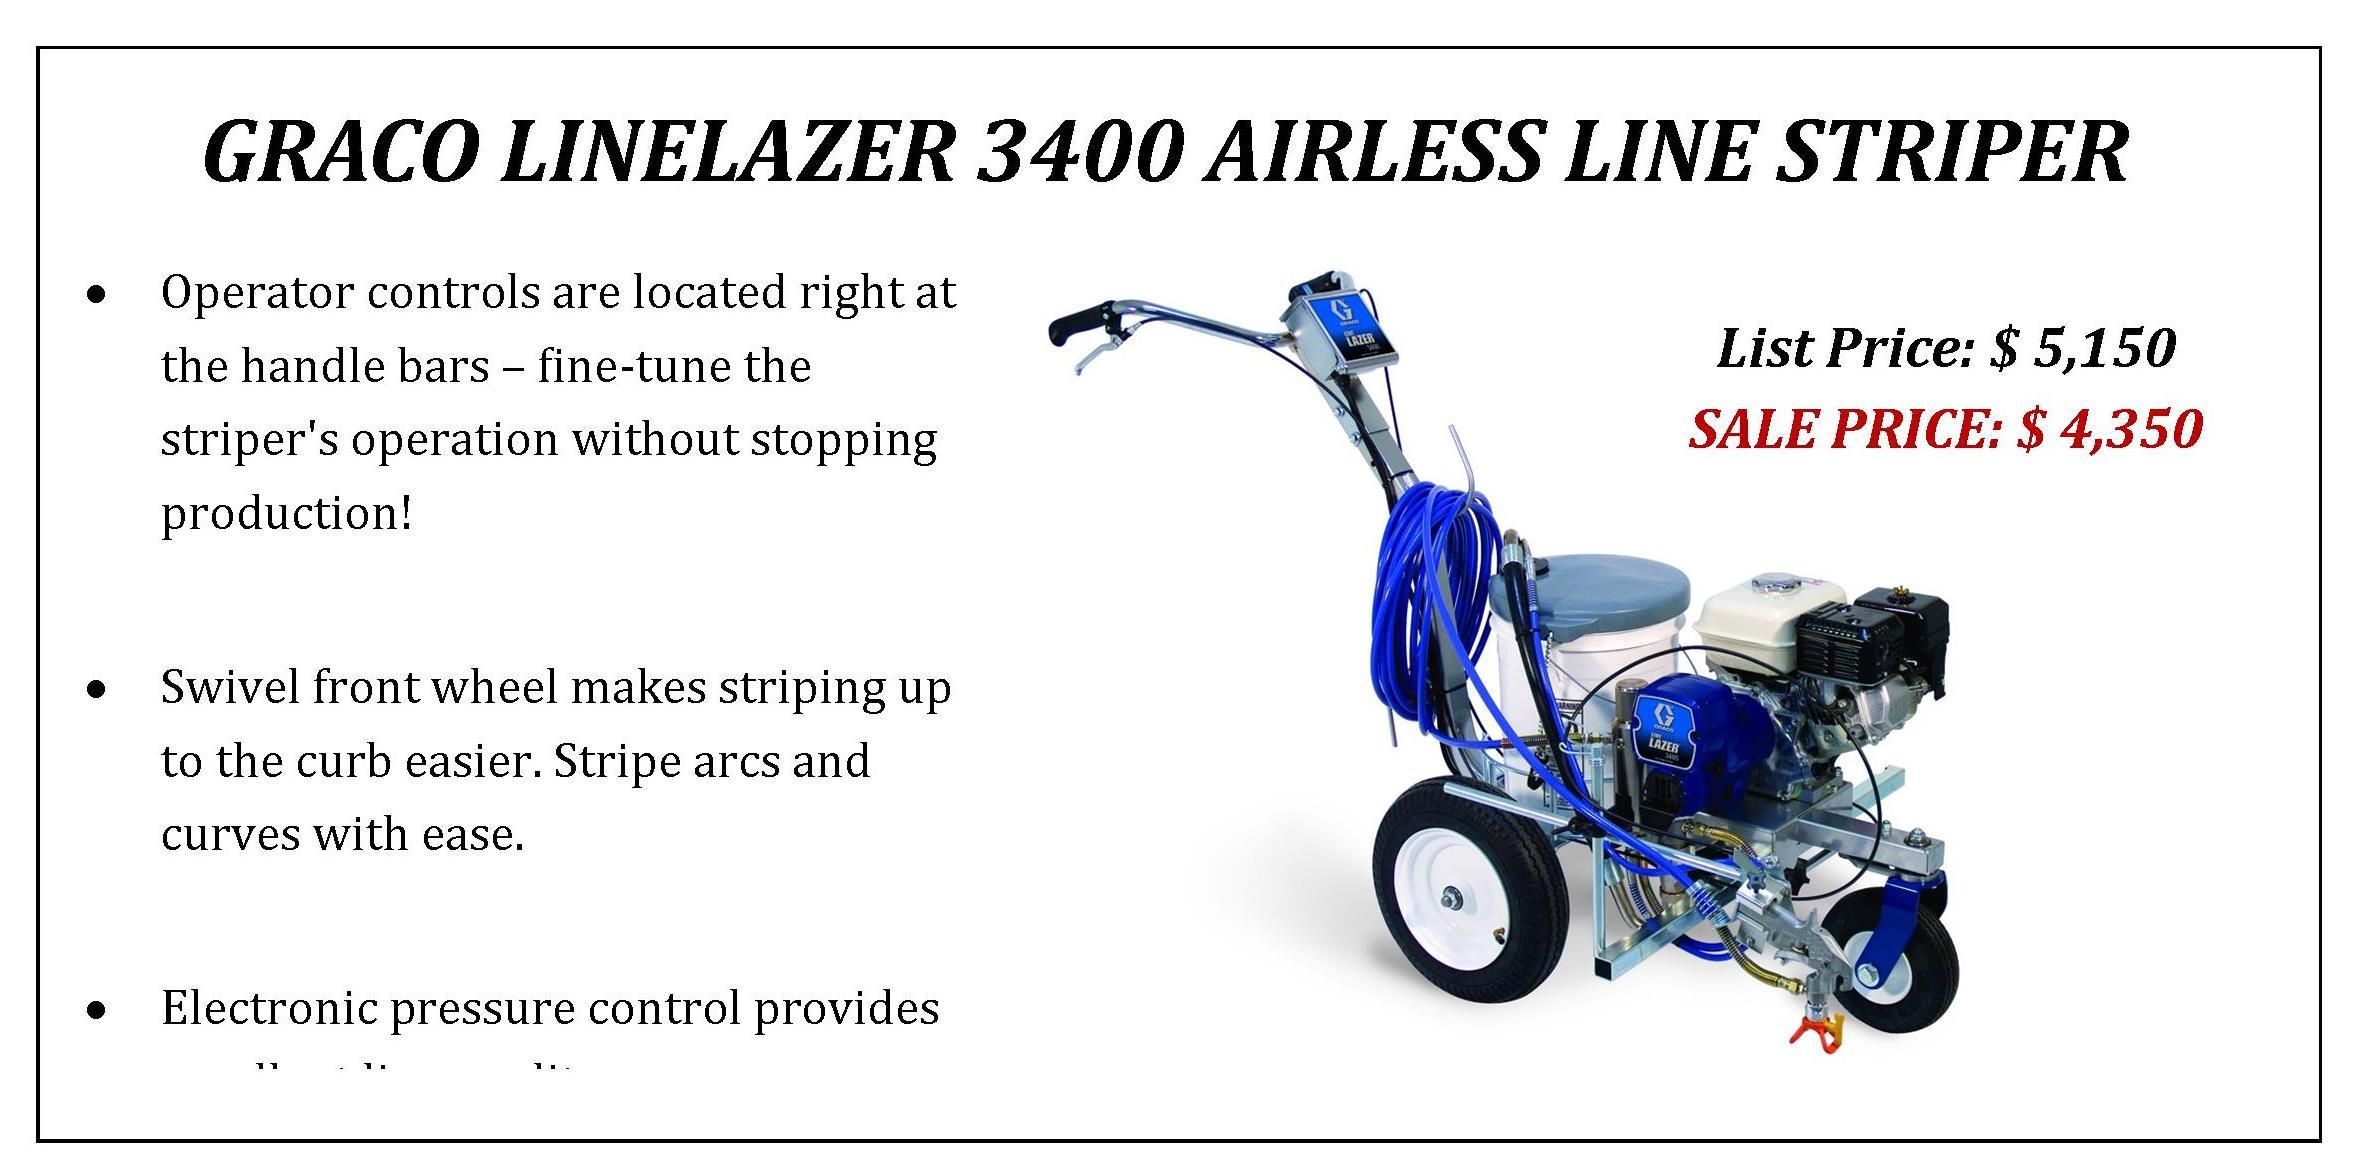 Graco Linelazer 3400 - 2018